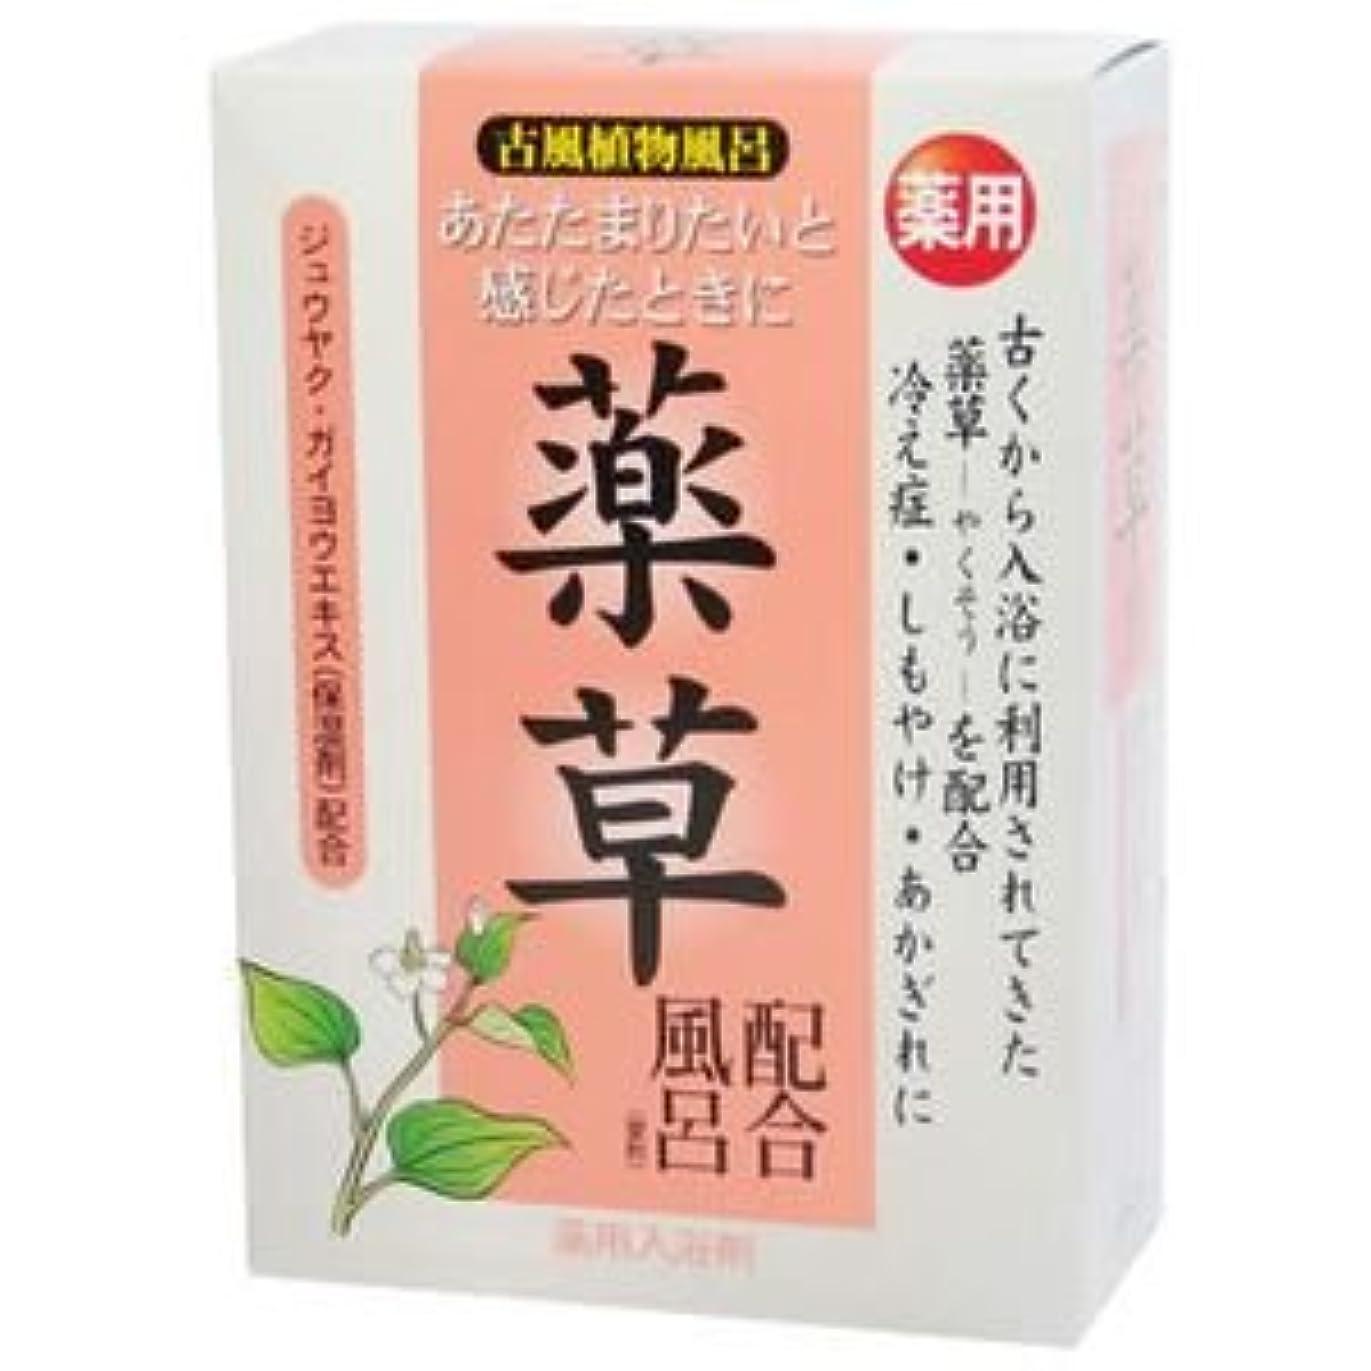 チャンスオーロック部分的に古風植物風呂 薬草配合風呂 25g*5包